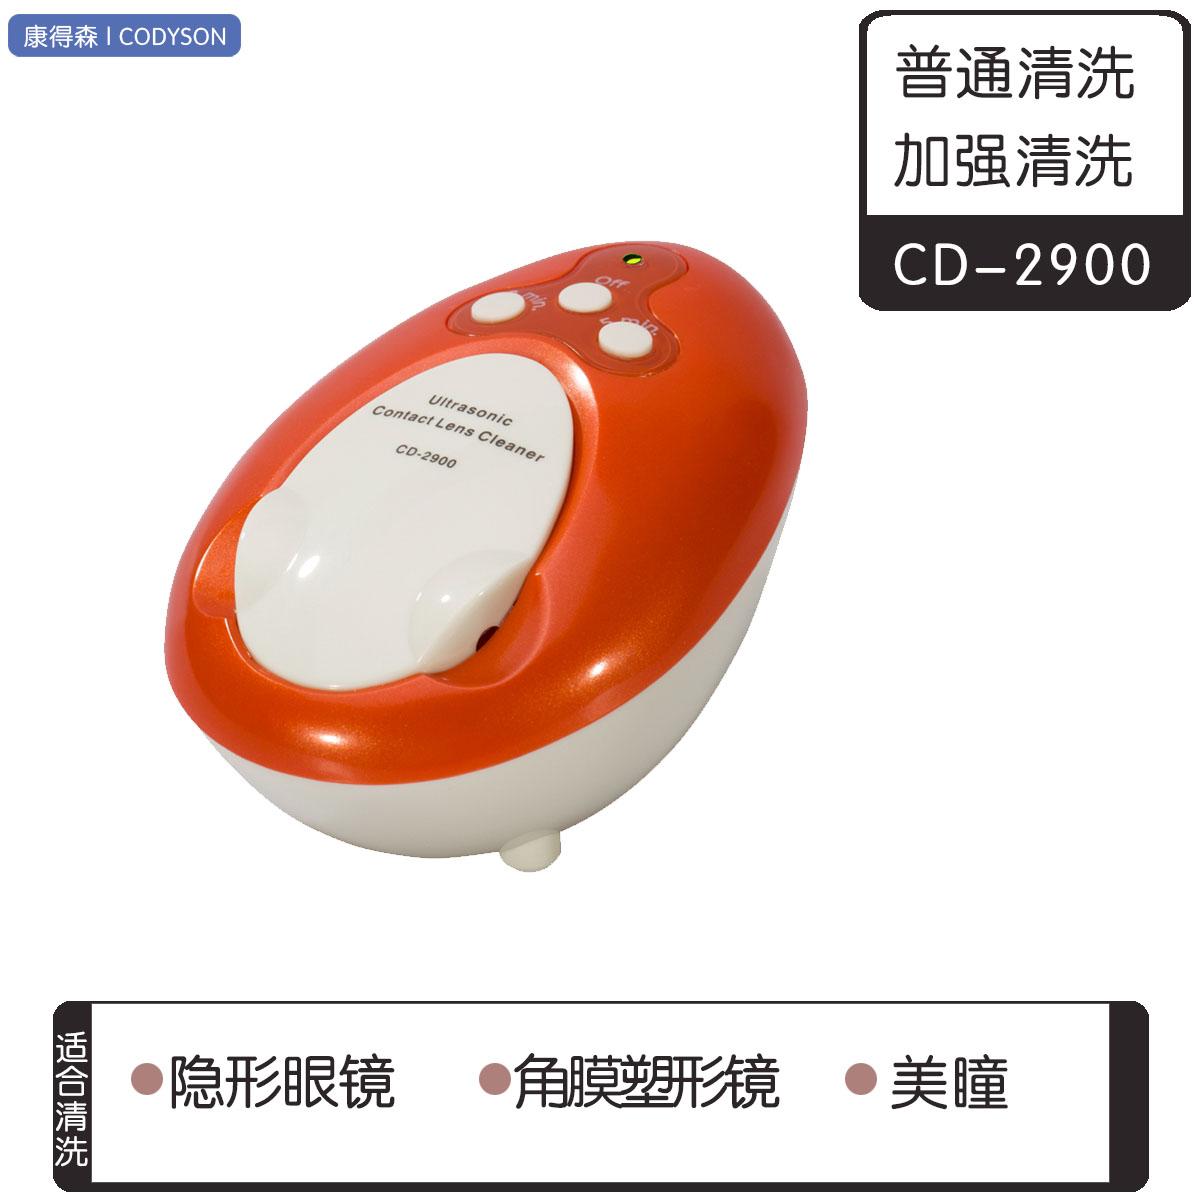 小型迷你康得森隱形眼鏡超聲波清洗機超音波美瞳角膜塑形鏡清潔器